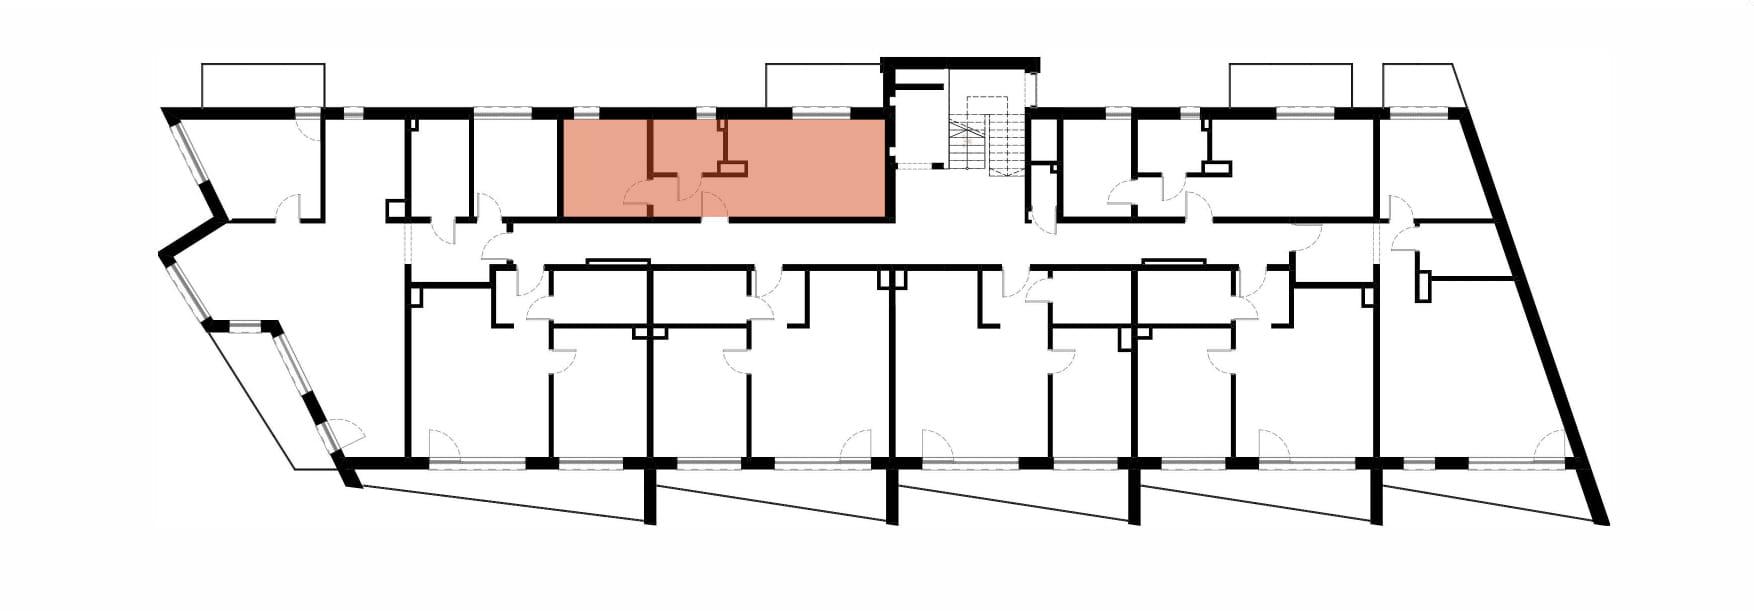 Apartamenty Kamienna / apartamenty inwestycyjne M23 rzut 2